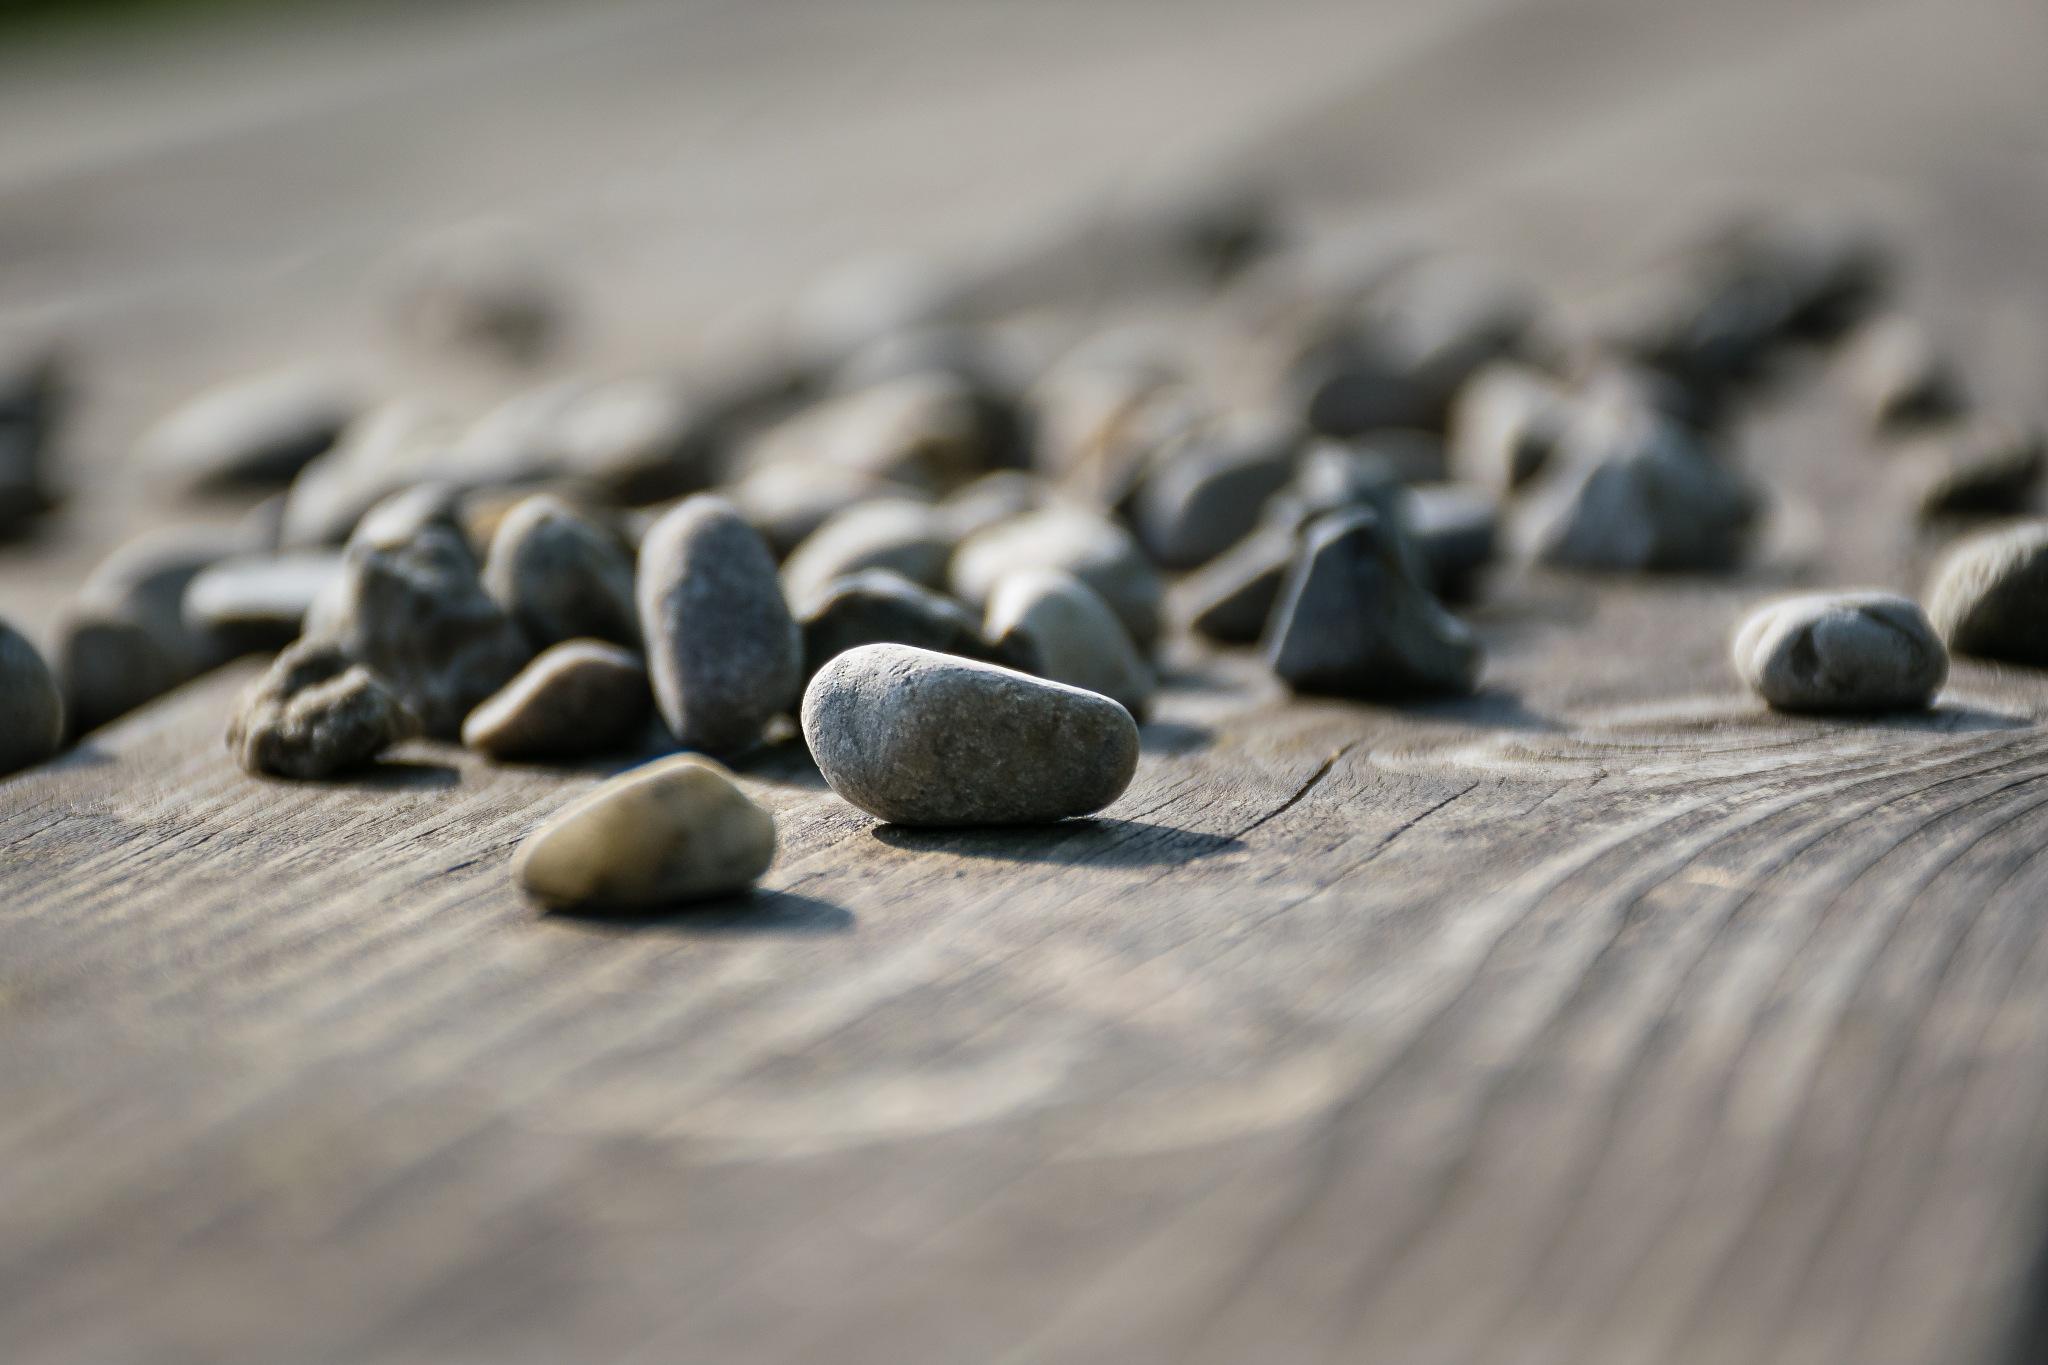 Stones by Mauro De Vita